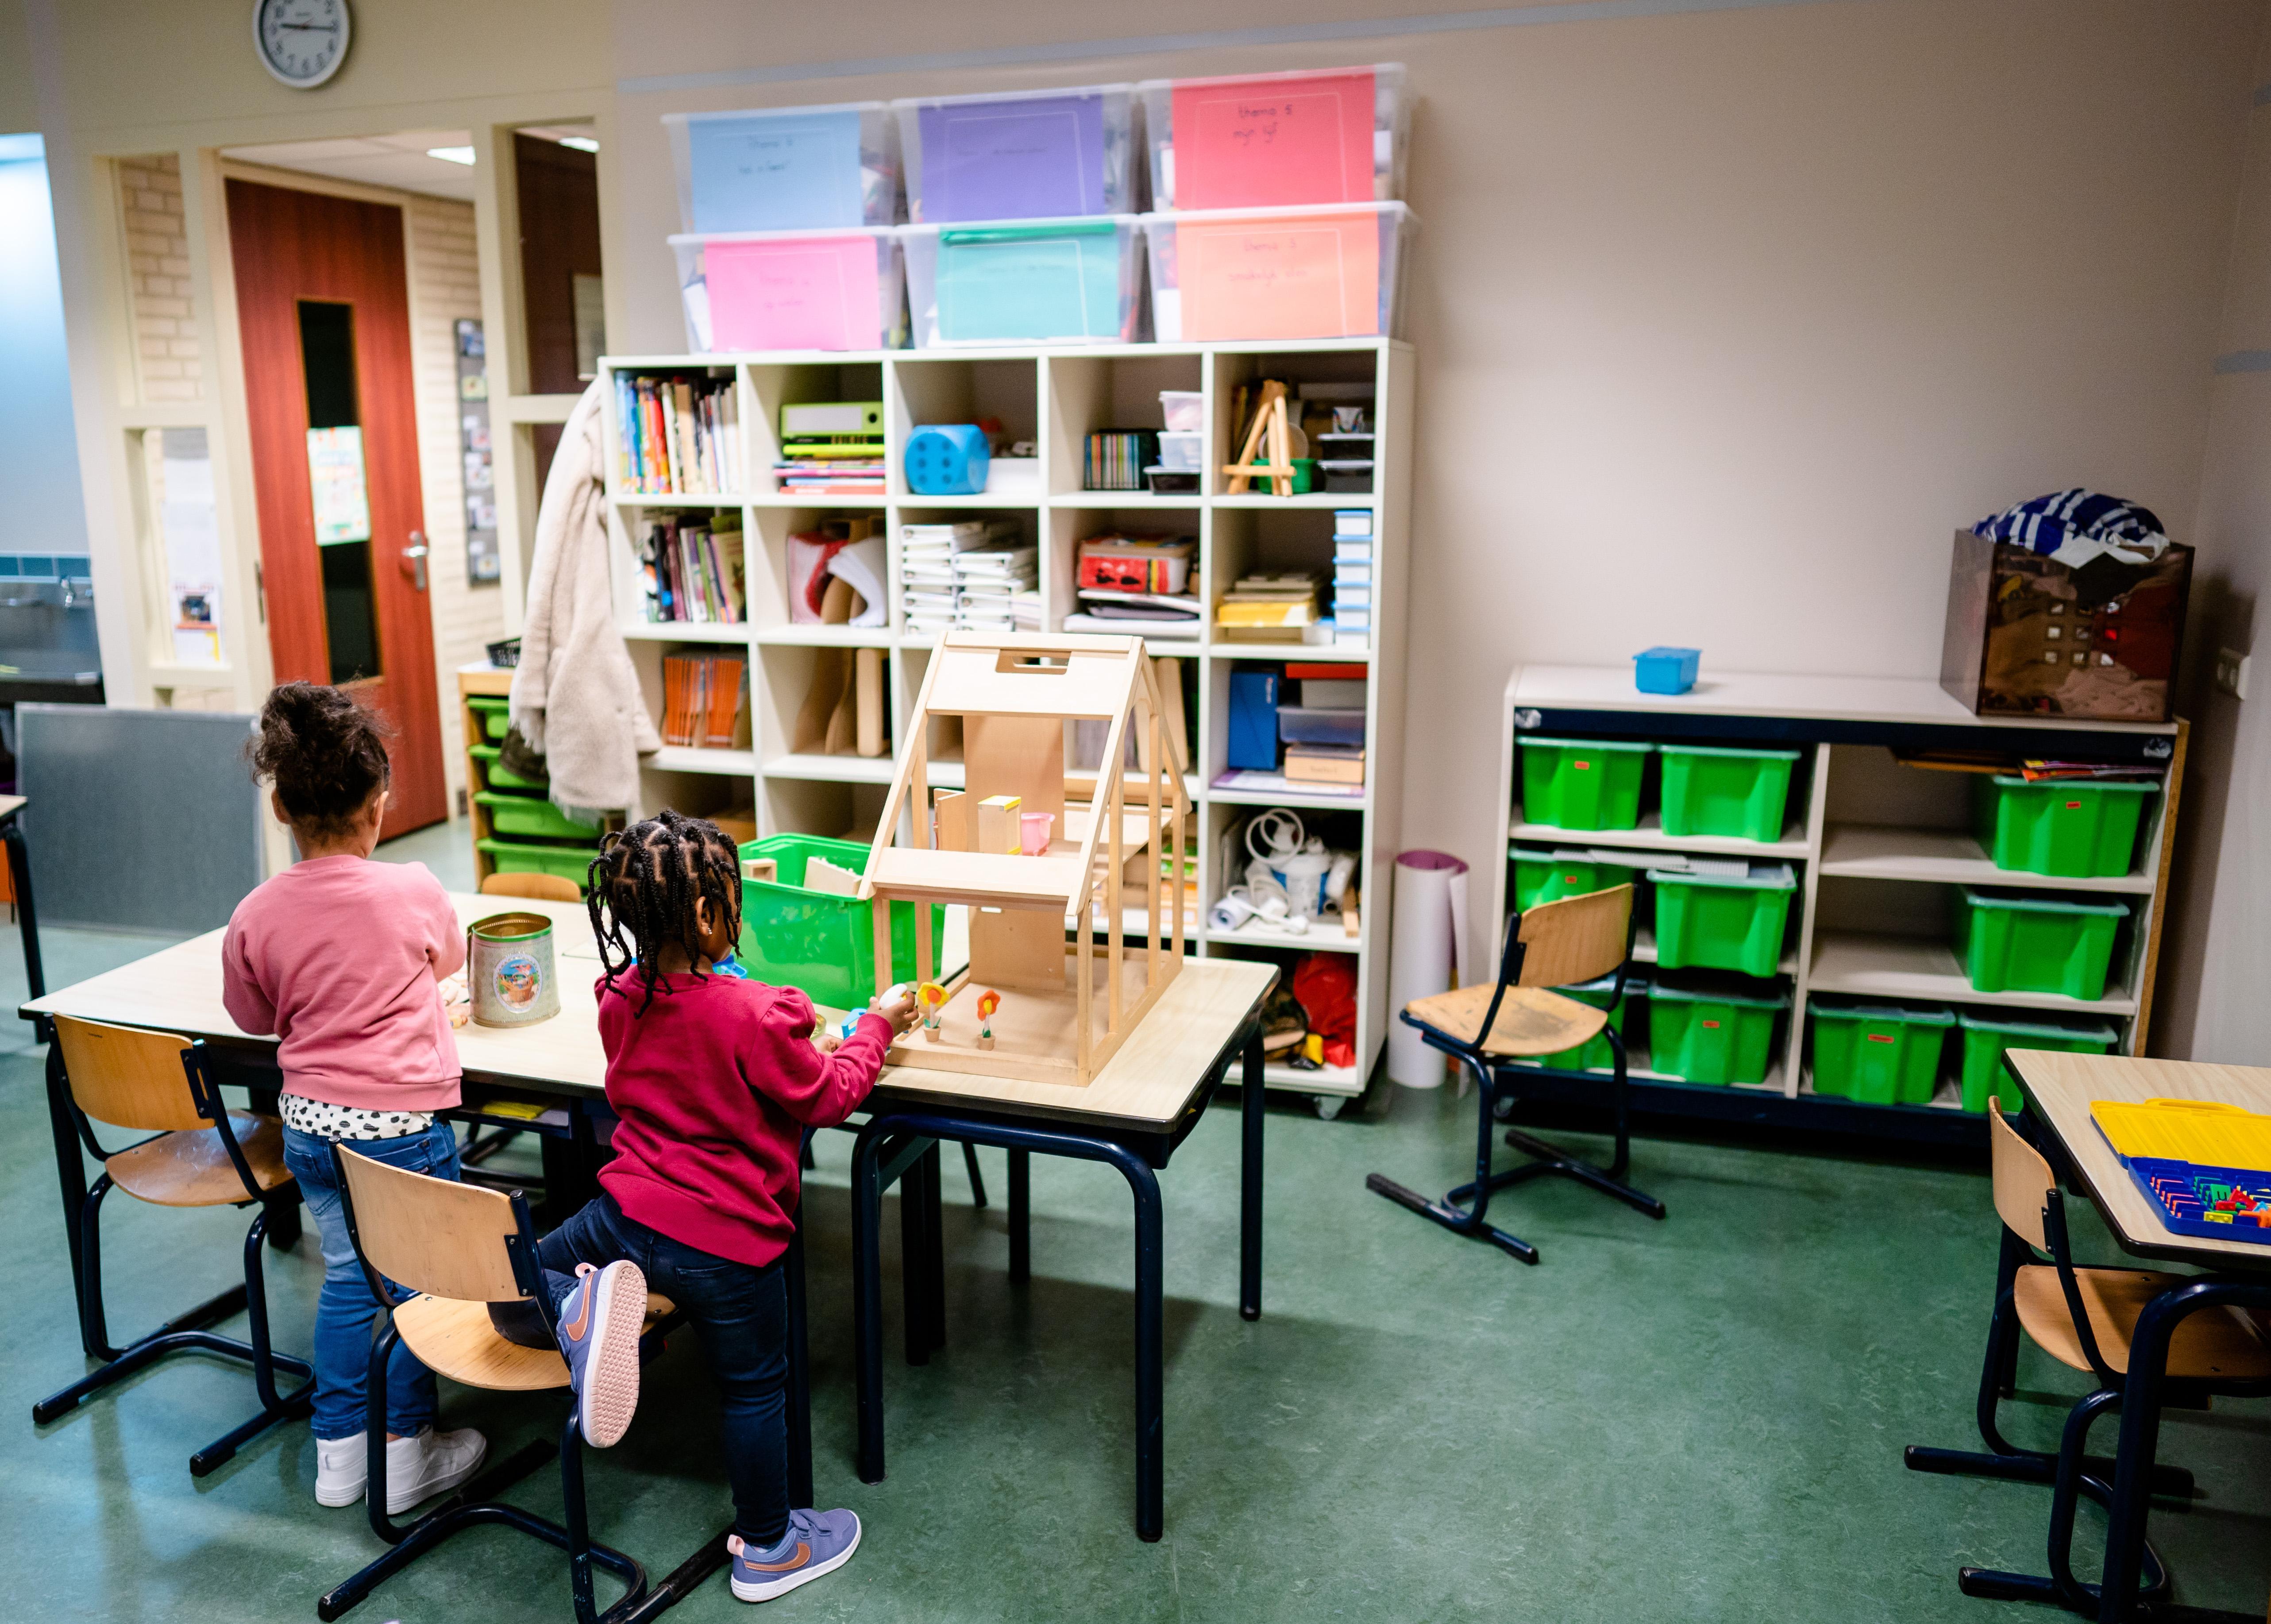 Scholen willen kinderen zo snel mogelijk weer in de klas, 'maar veiligheid staat voorop'